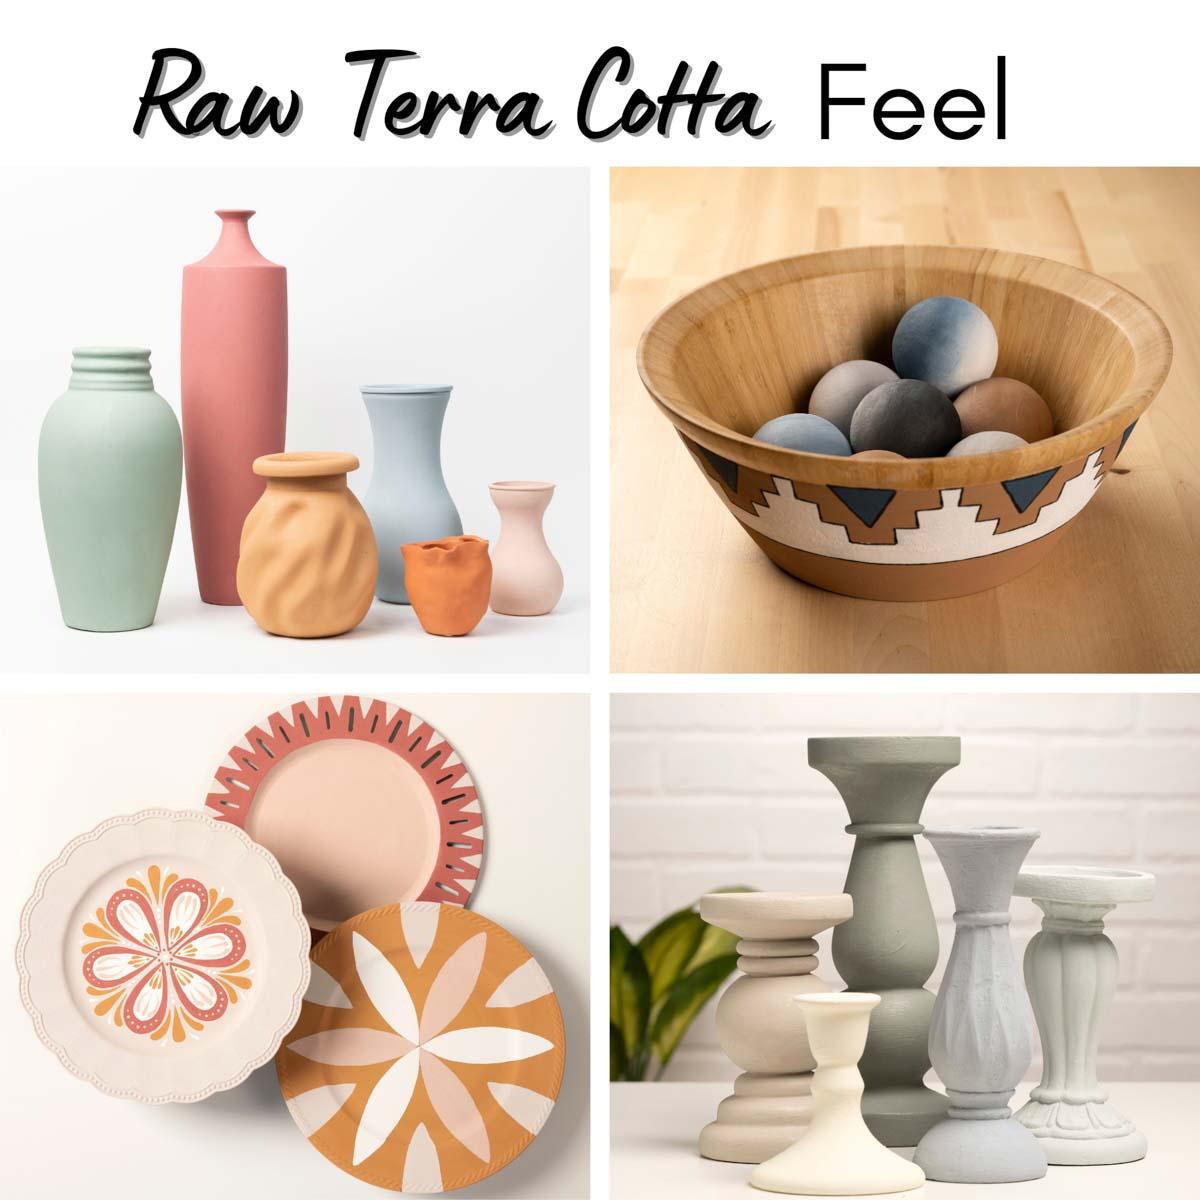 FolkArt ® Terra Cotta™ Acrylic Paint - Obsidian, 2 oz. - 7030